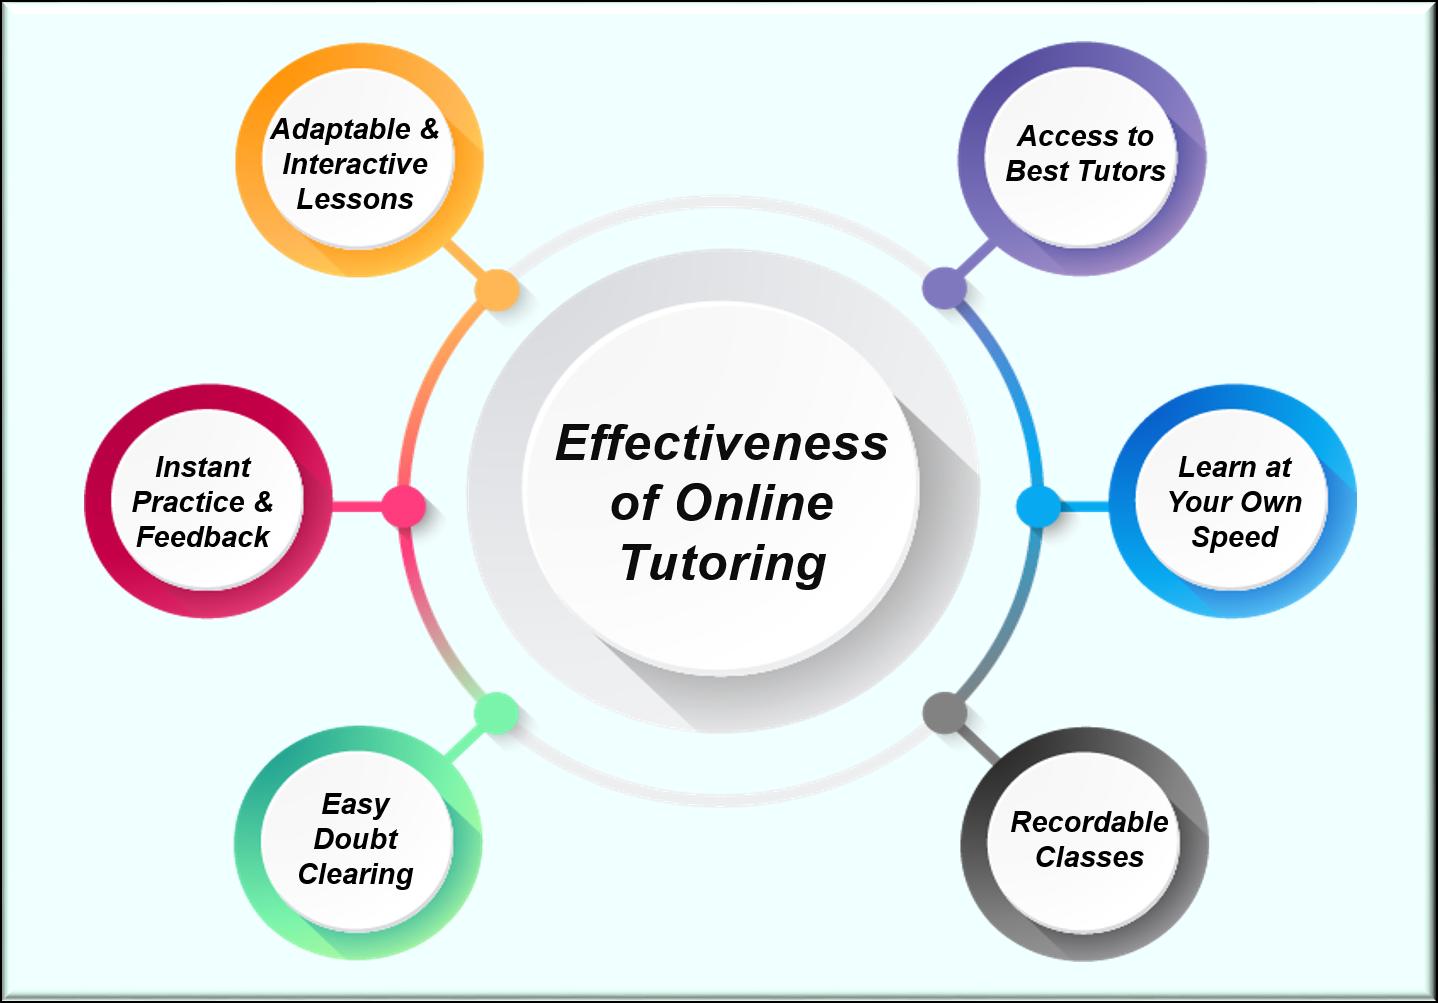 Effectiveness of Online Tutoring